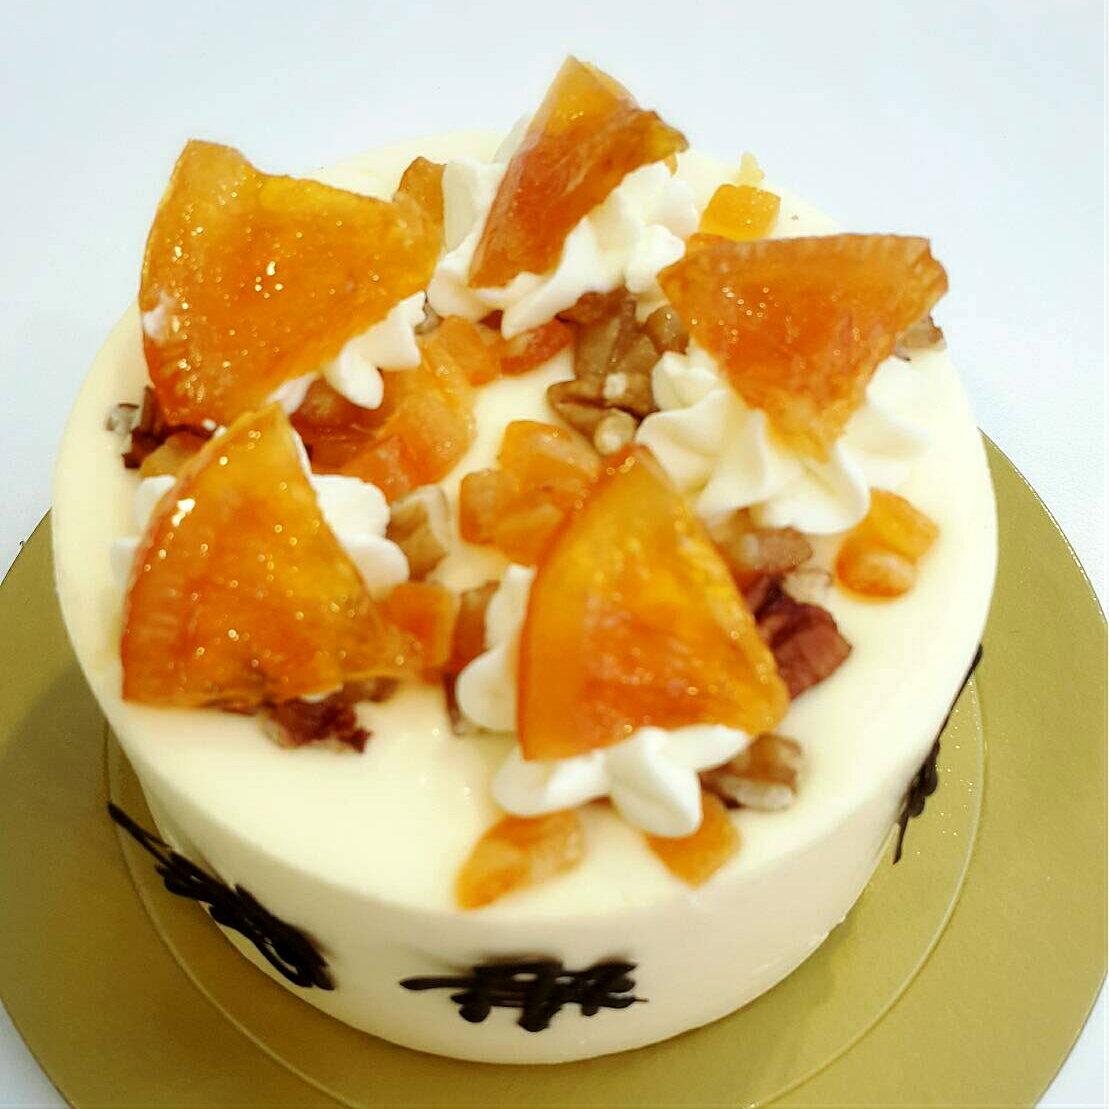 ~~伯爵香橙乳酪~~堅果 柑曼怡香橙慕斯,為綿密的慕絲增加些許的口感 美食    甜點